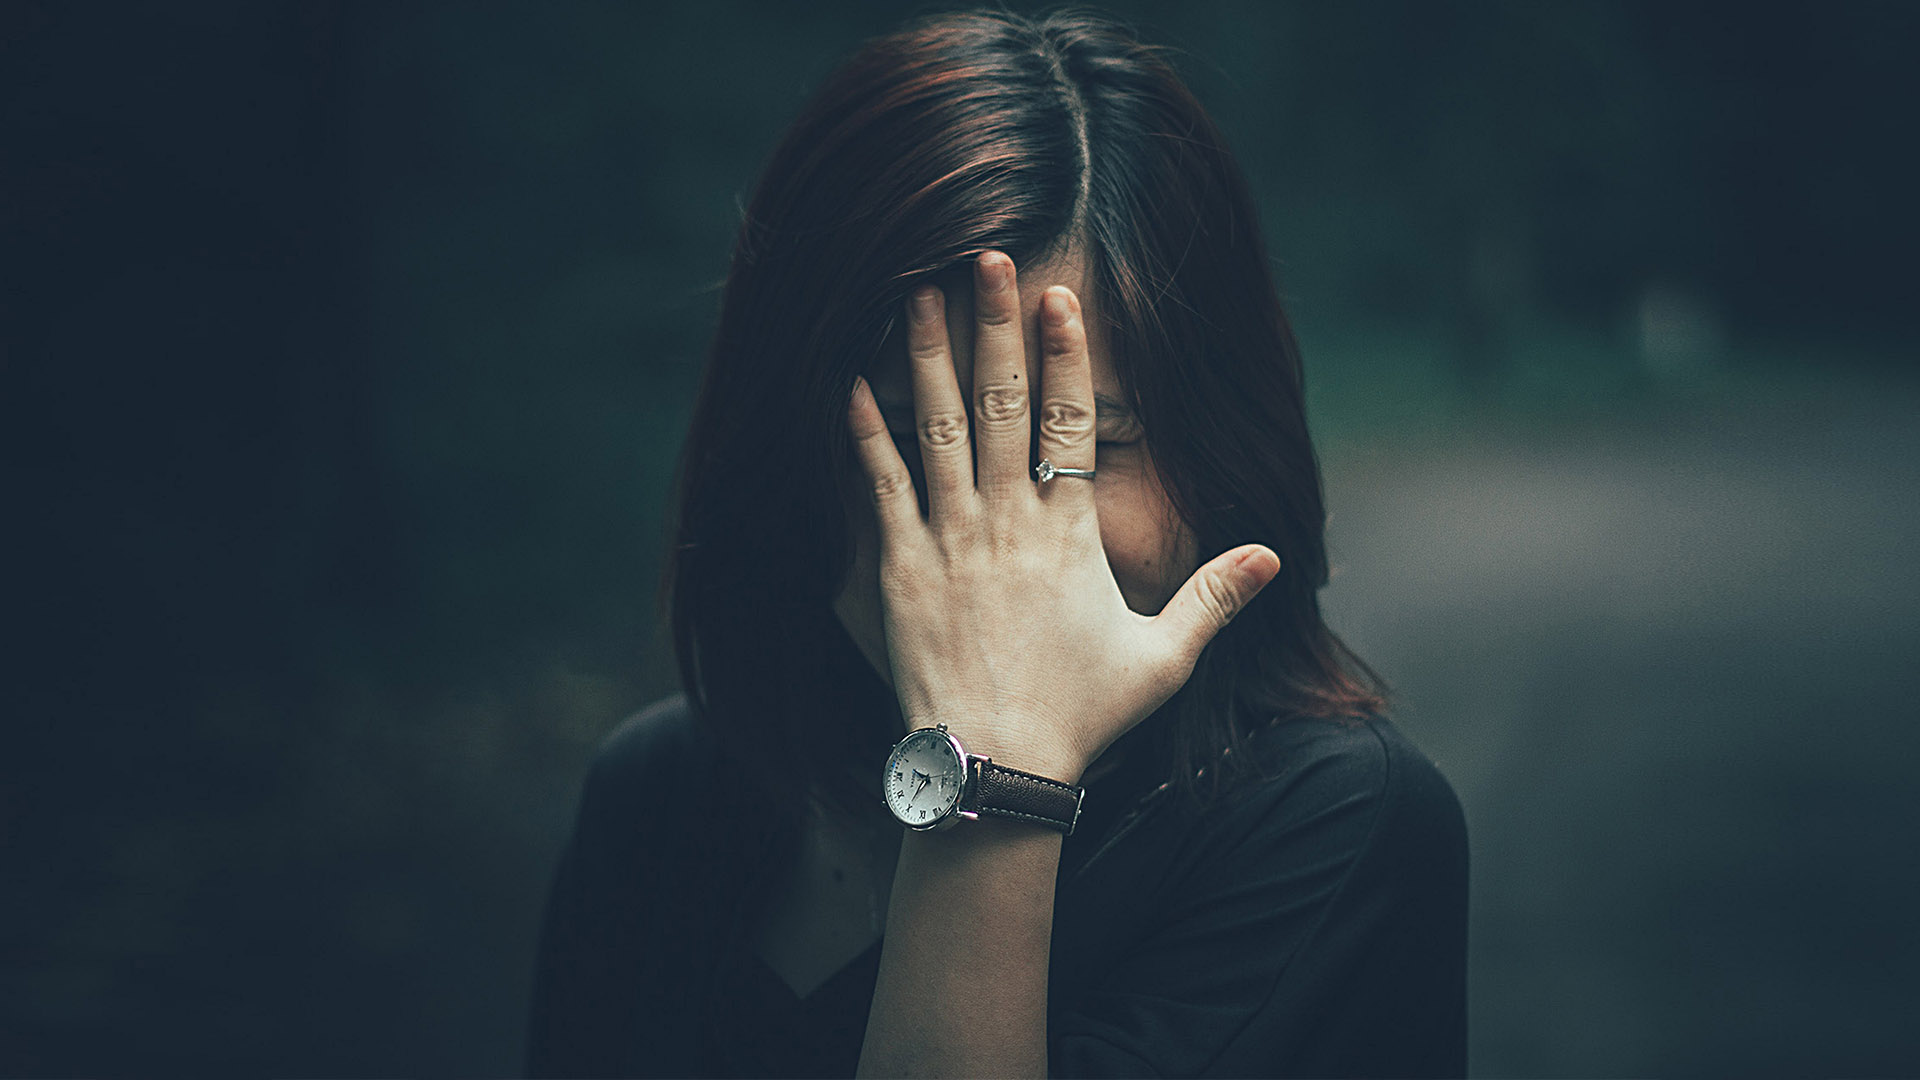 Psicología. Ayuda psicológica en problemas de ira, autocontrol, timidez, dificultad al ligar en Amaype (Alcorcón)